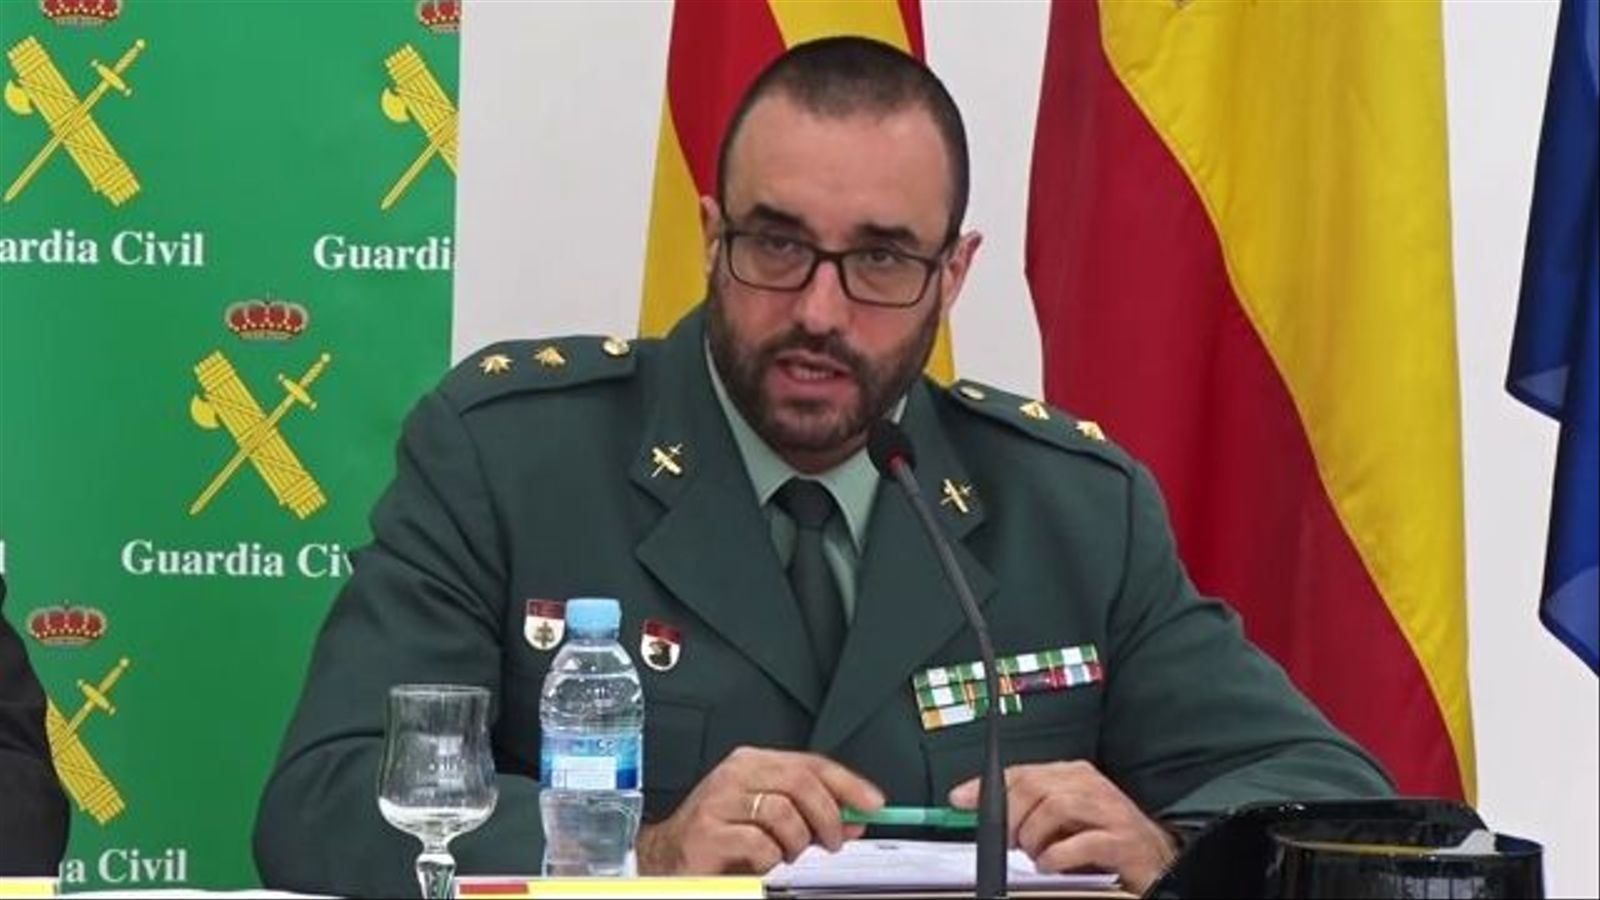 El Coronel Cap De La Policia Judicial Gurdia Civil A Catalunya Daniel Baena